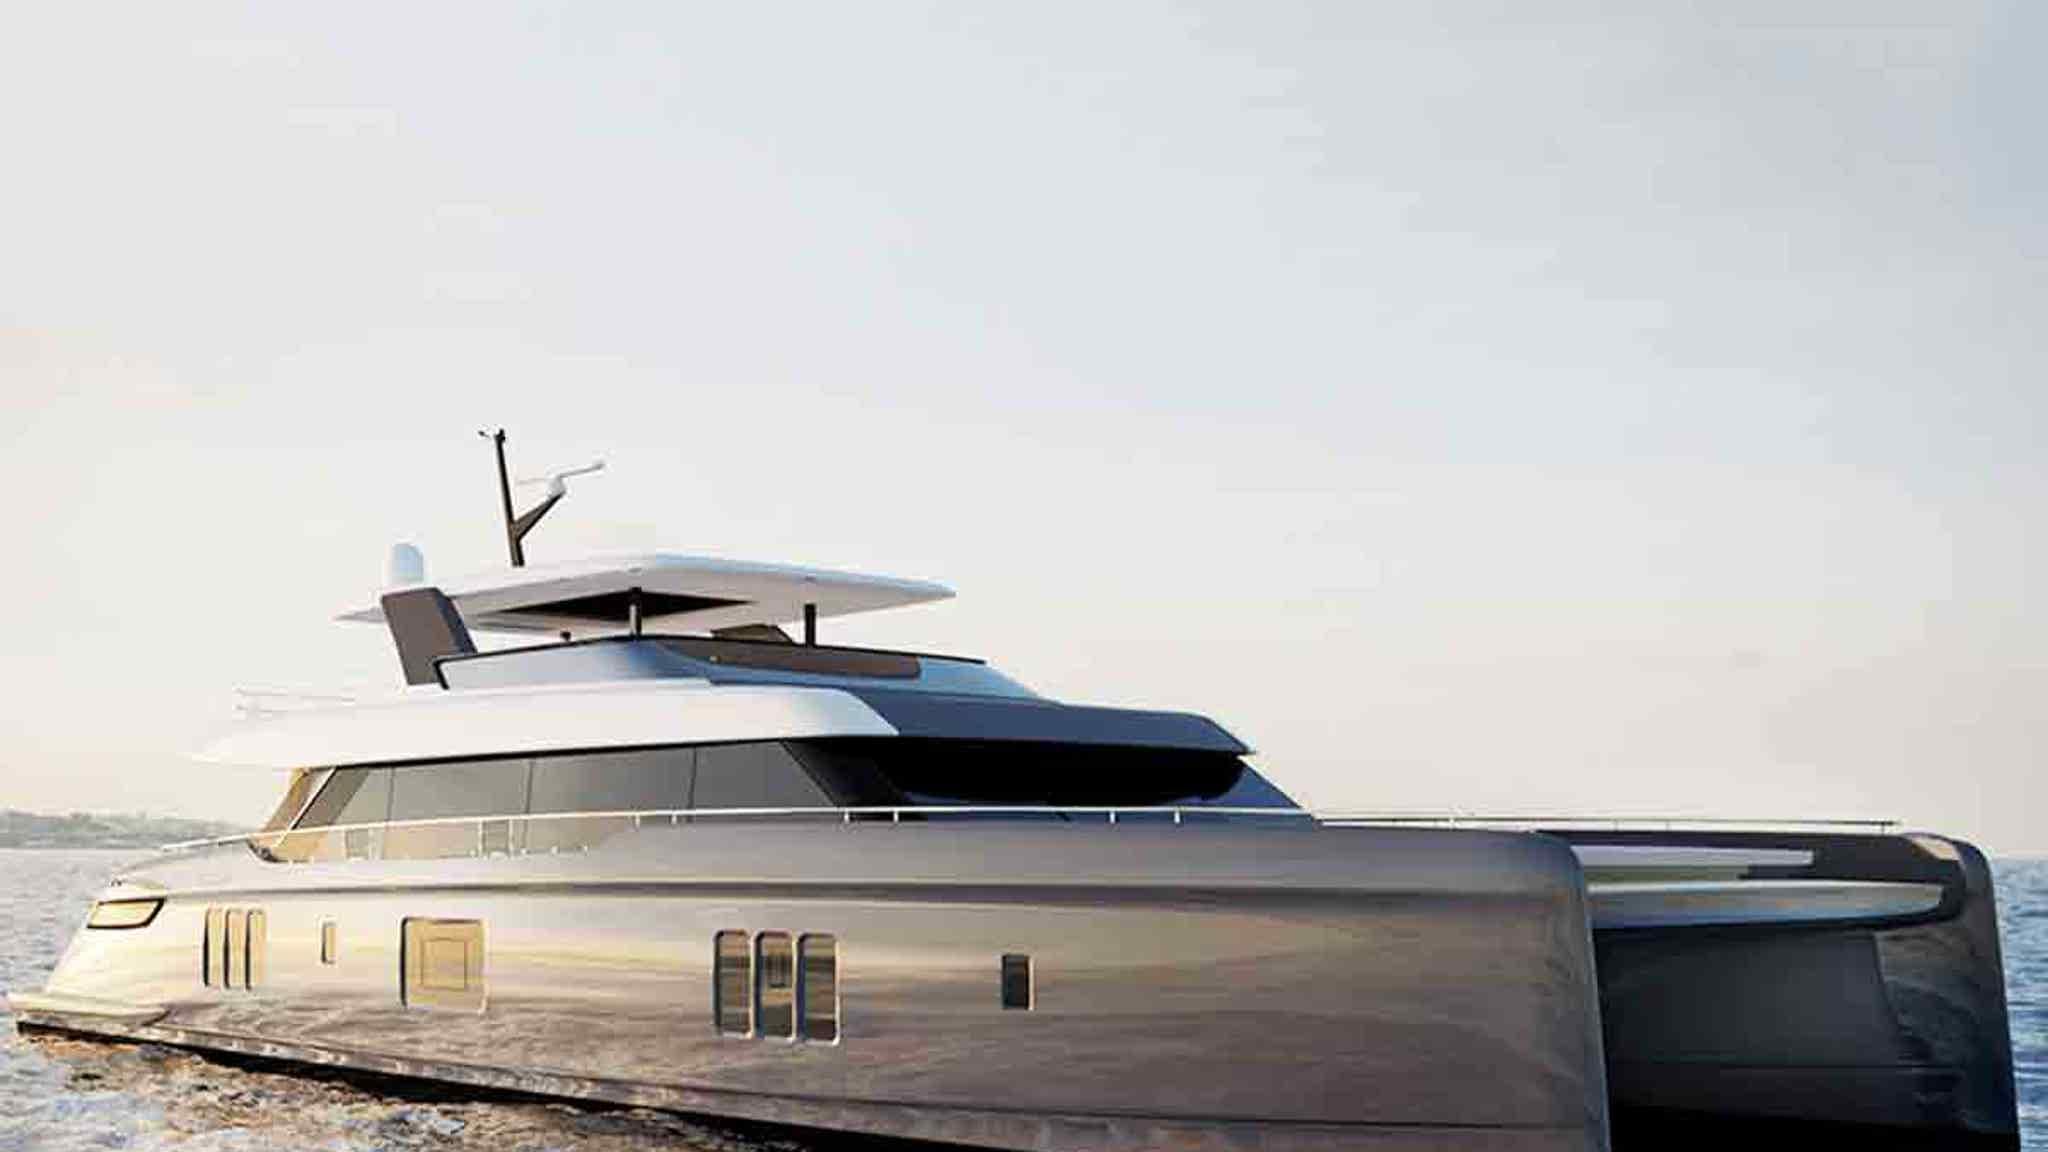 Rafael Nadal Buys 80 Ft Custom Yacht